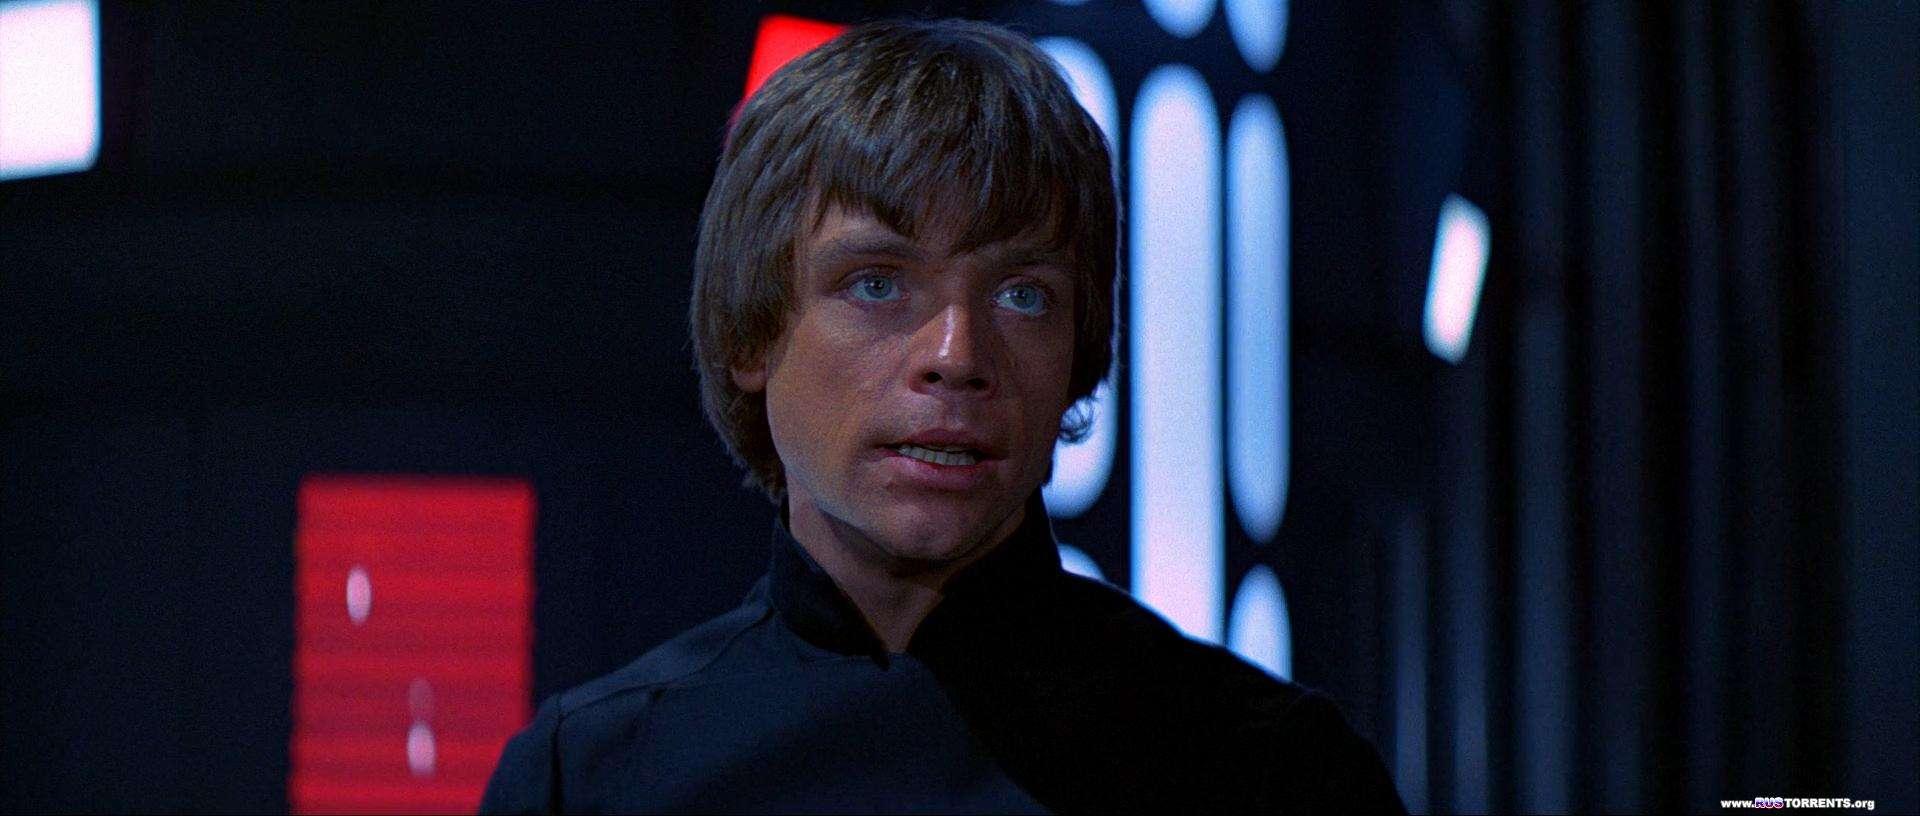 Звездные войны: Эпизод 6 - Возвращение Джедая | BDRip 1080p